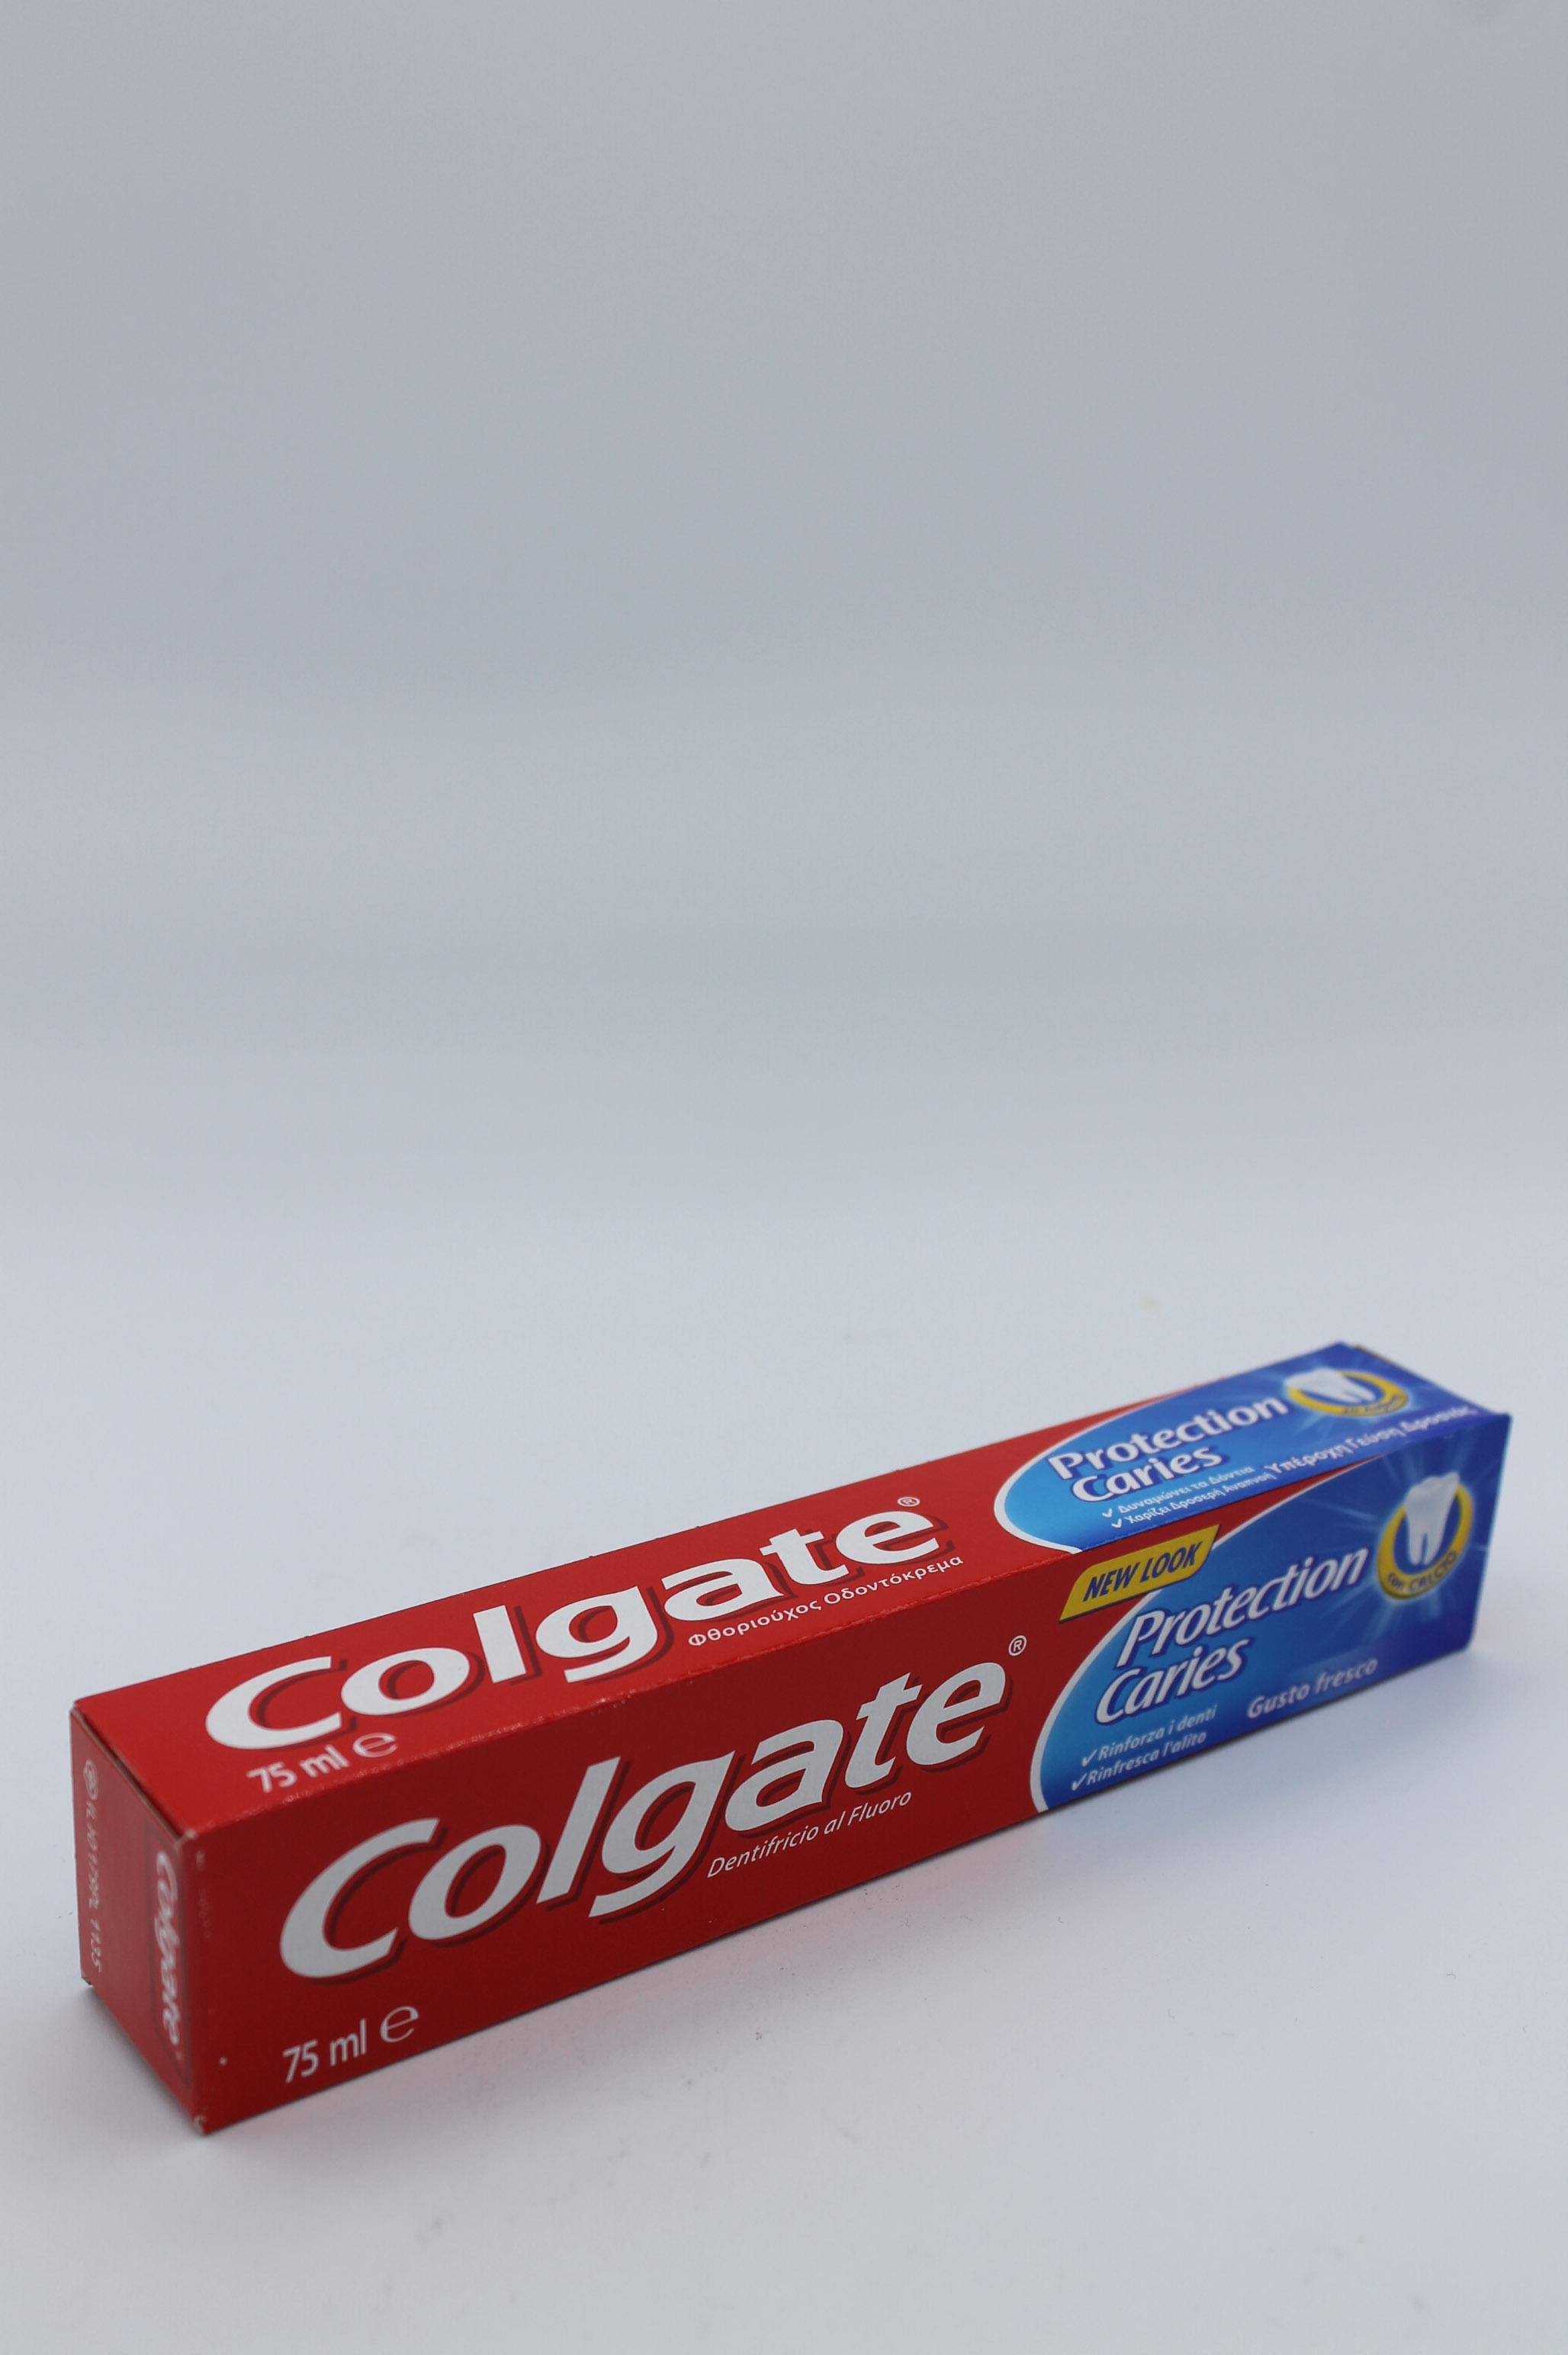 Colgate dentifricio 75ml vari tipi.